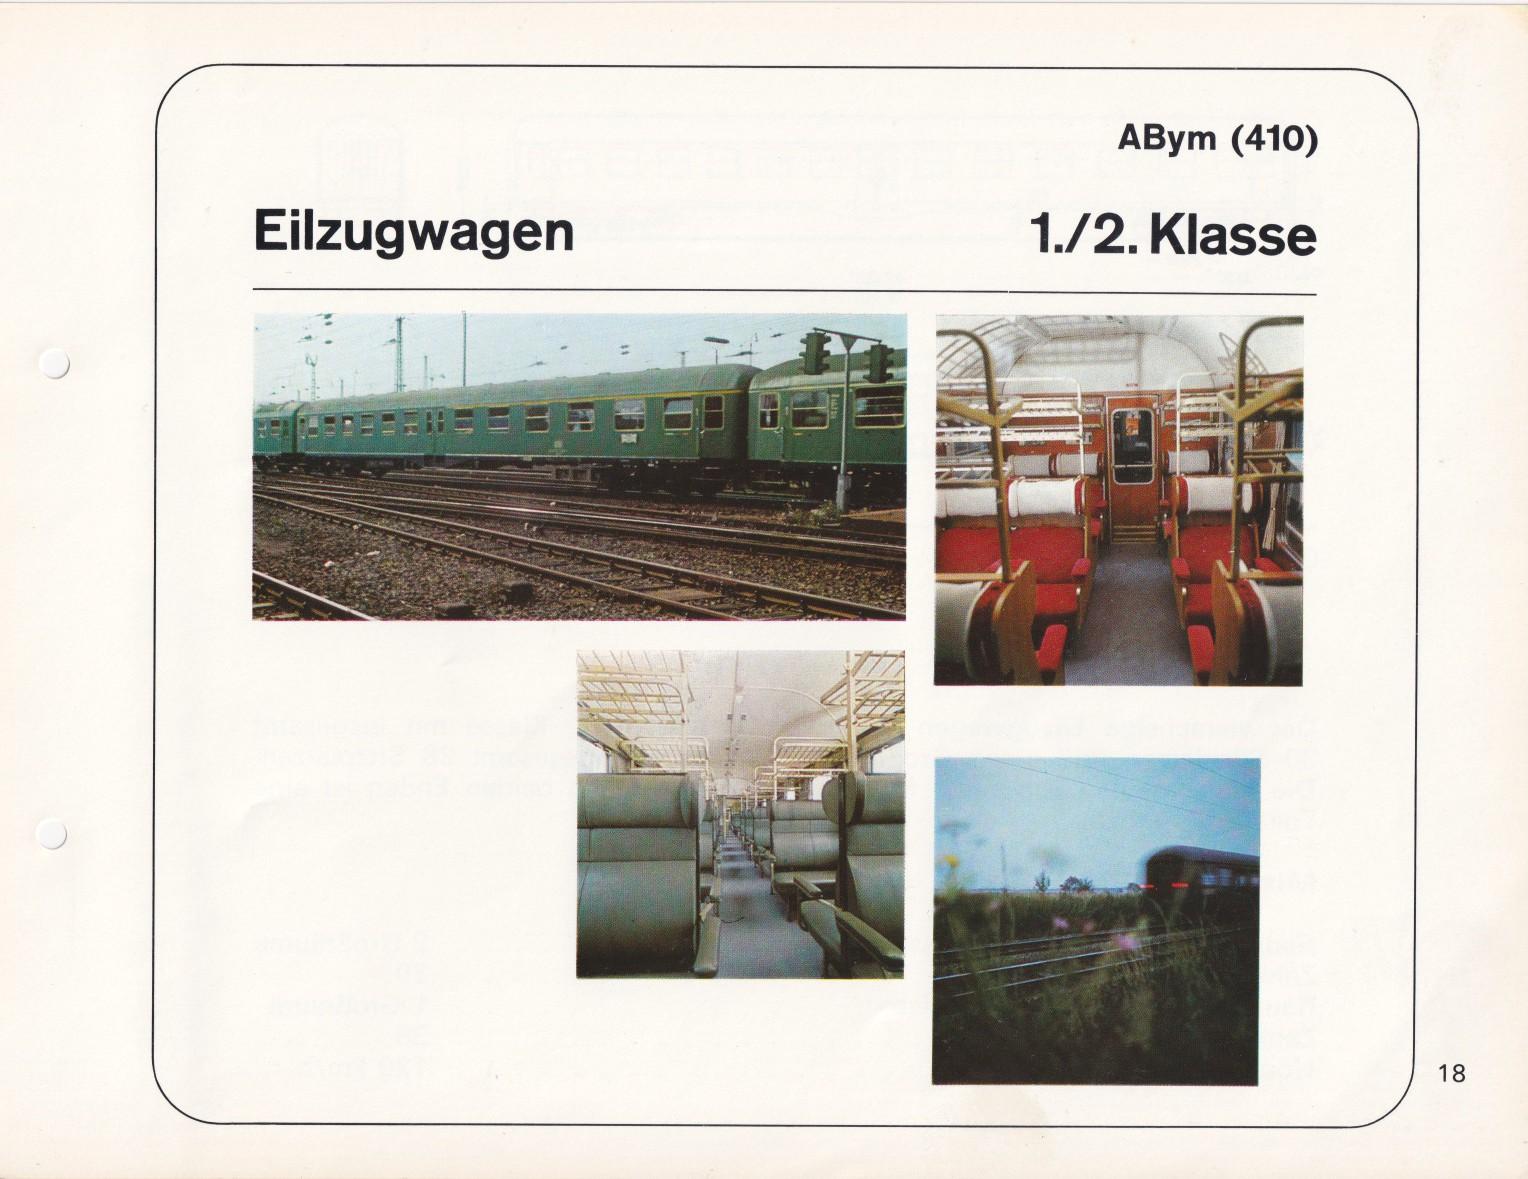 https://www.nullclub.de/hifo/Fahrzeuglexikon/Wagen18a.jpg